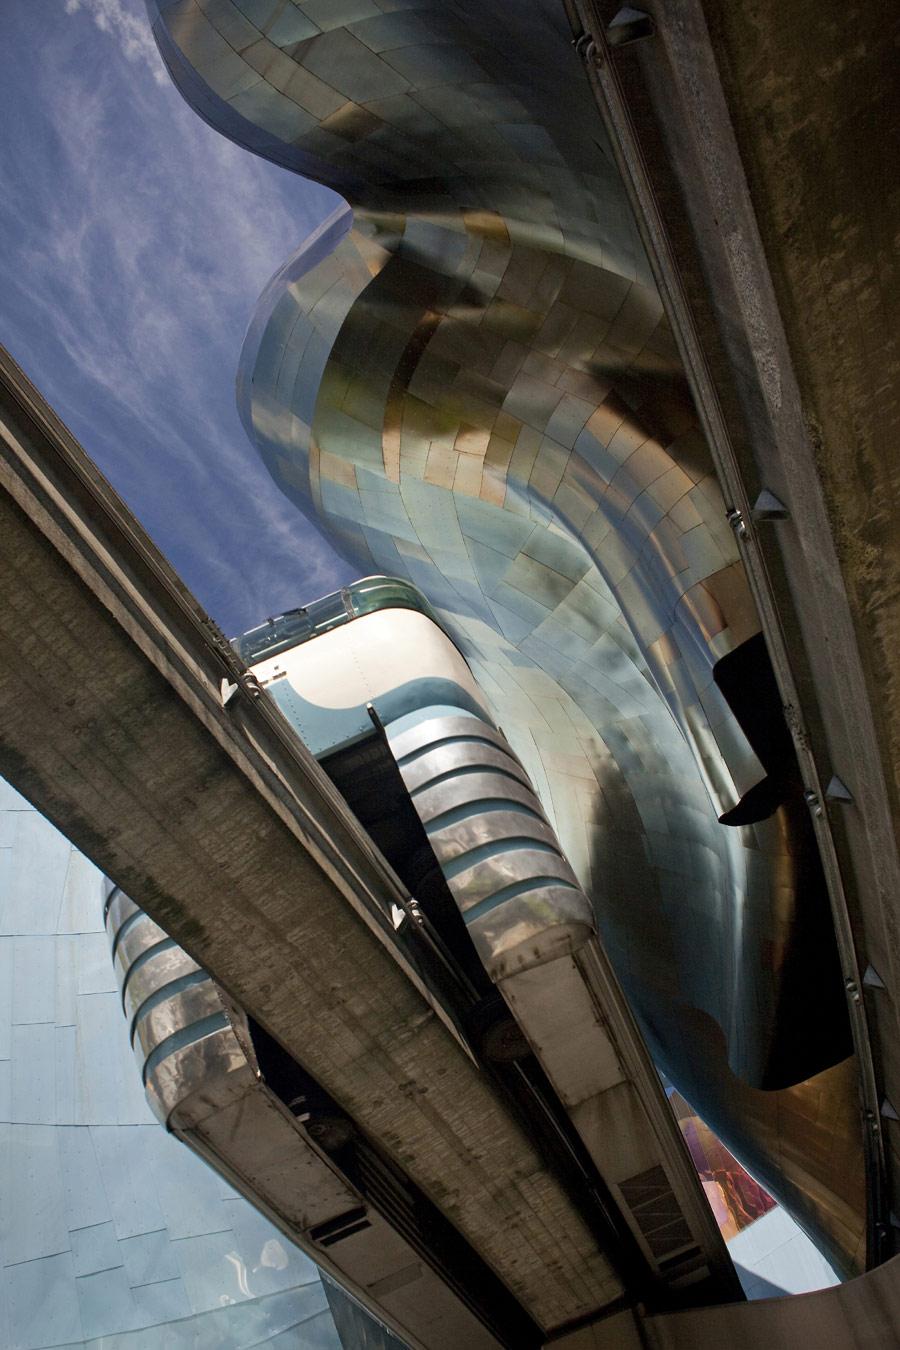 © Кончи Мартинес (Conchi Martínez), Музей современной поп-культуры в Сиэтле (США). Архитектор: Frank Gehry, Конкурс «Архитектурная фотография»